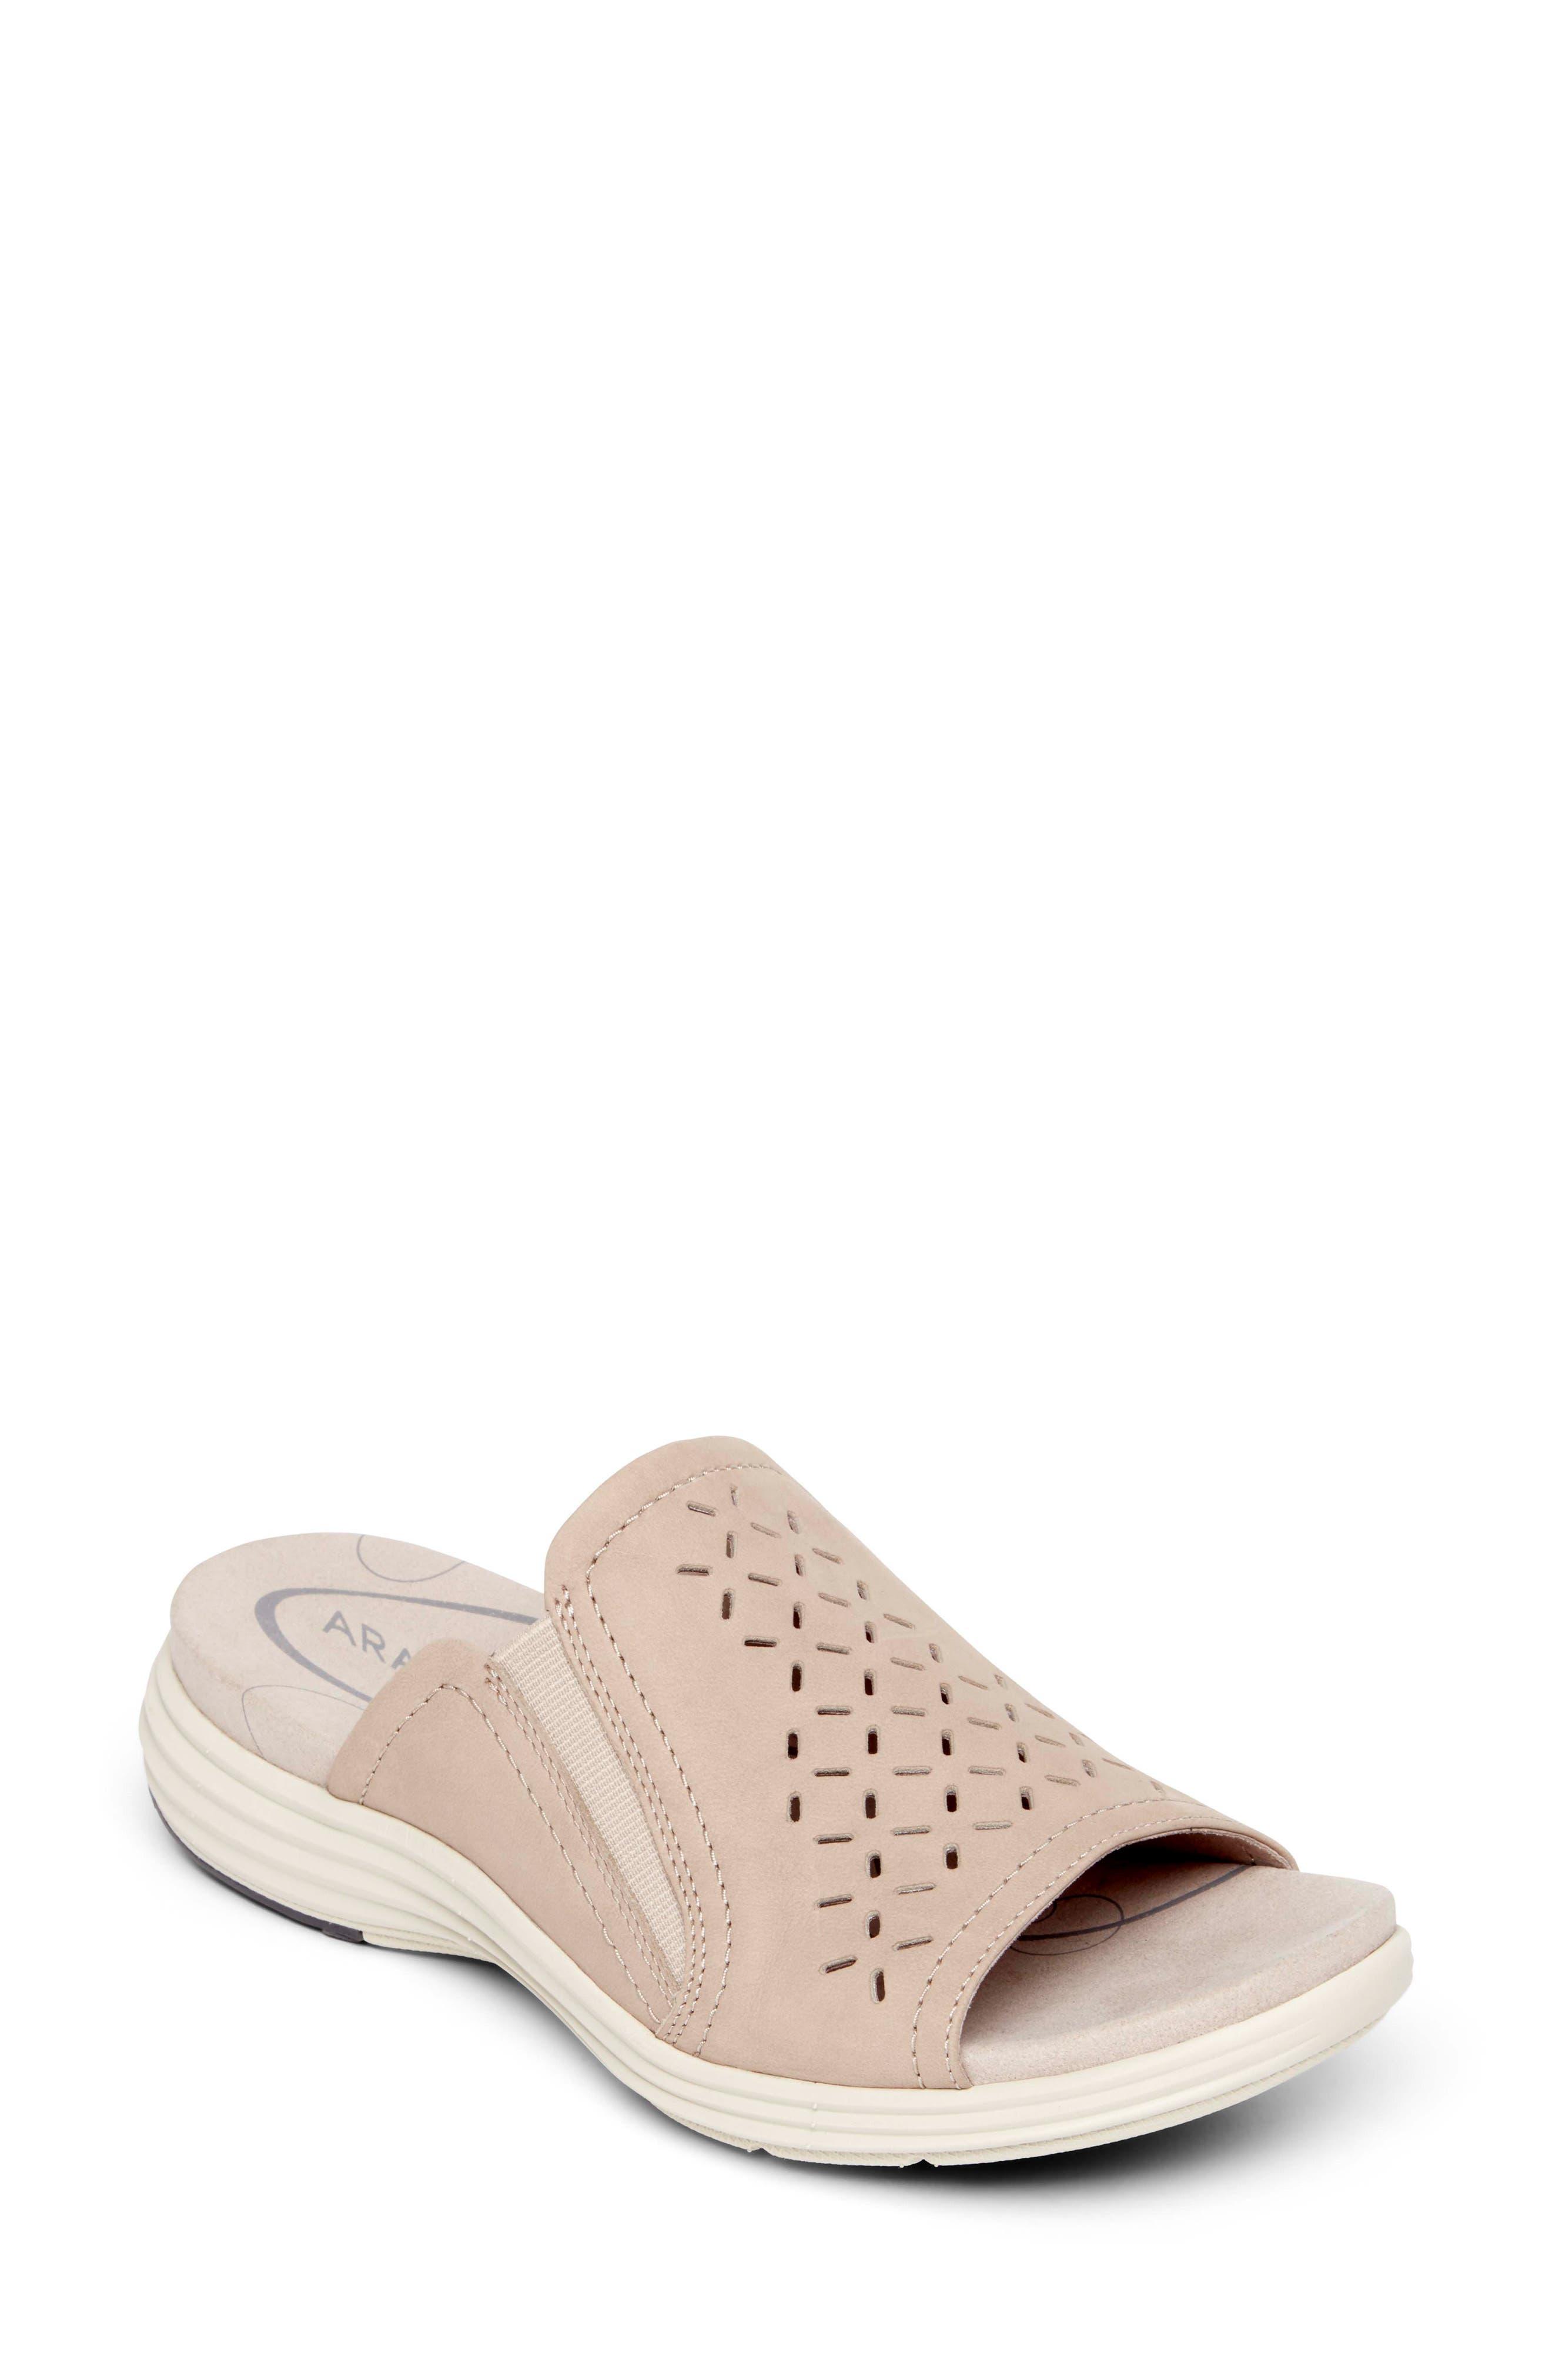 Beaumont Slide Sandal,                             Main thumbnail 1, color,                             250